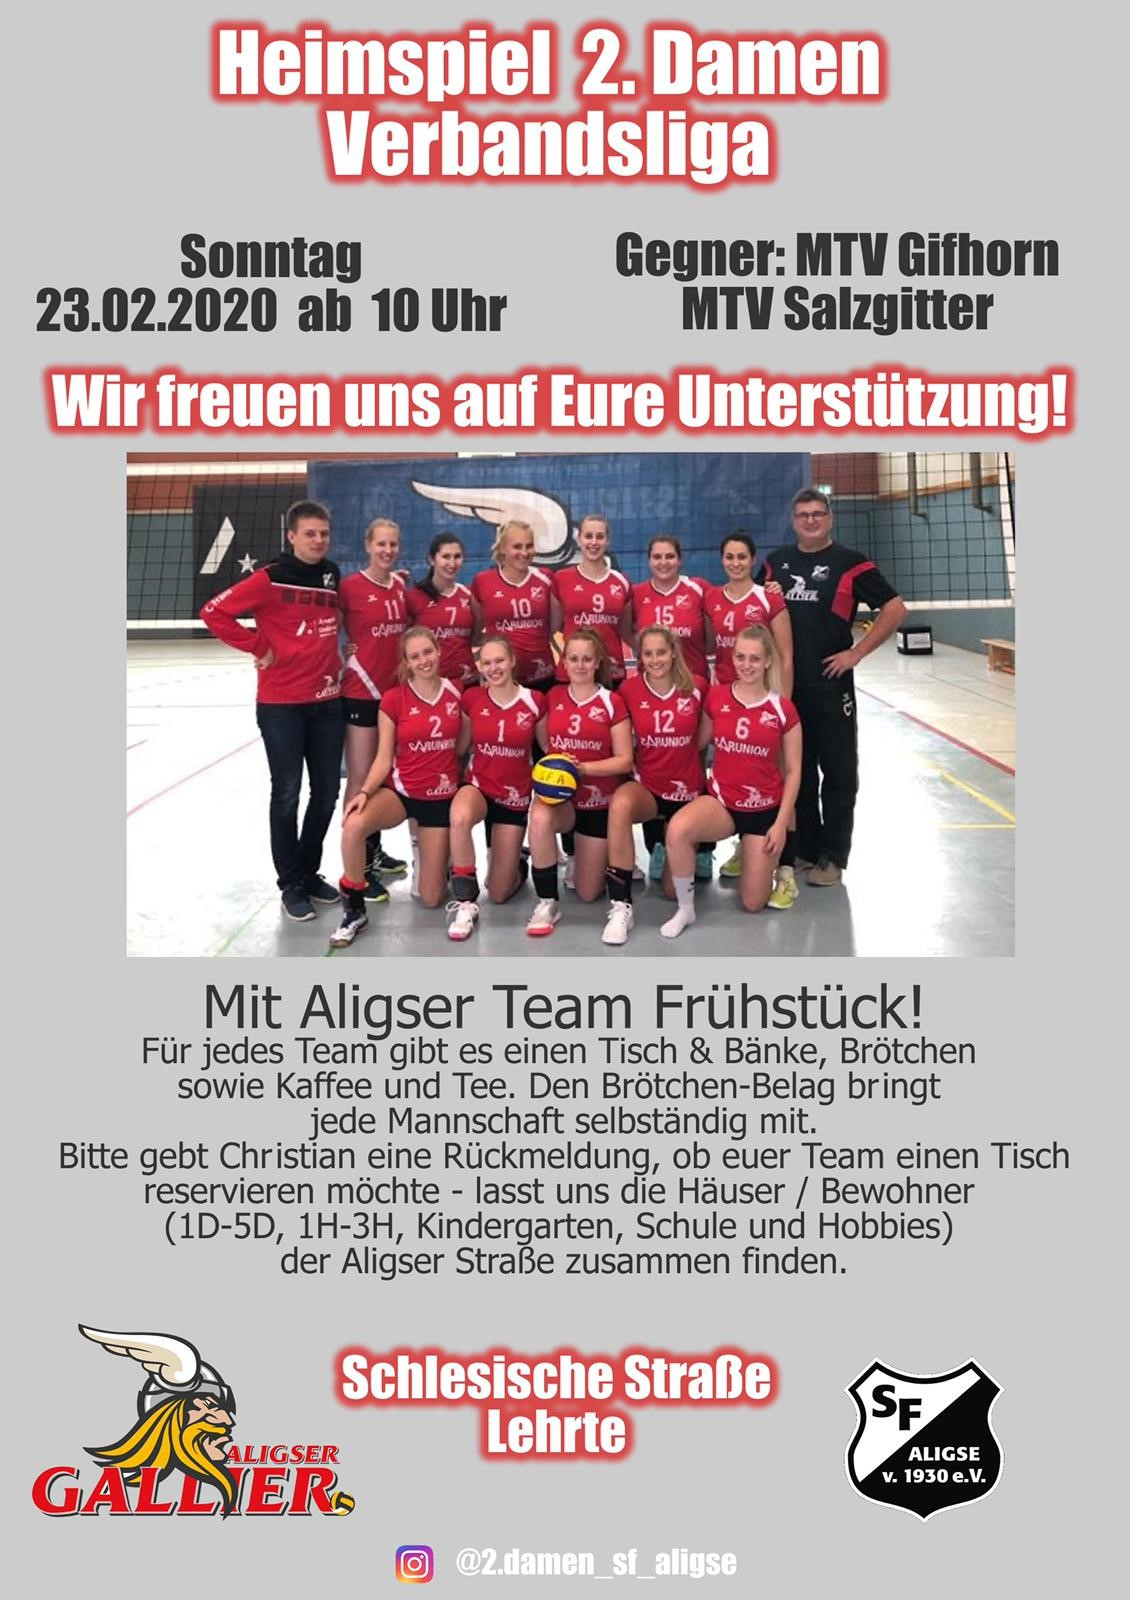 23.02.2020 – Heimspieltag der 2. Damen mit Aligser Team Frühstück